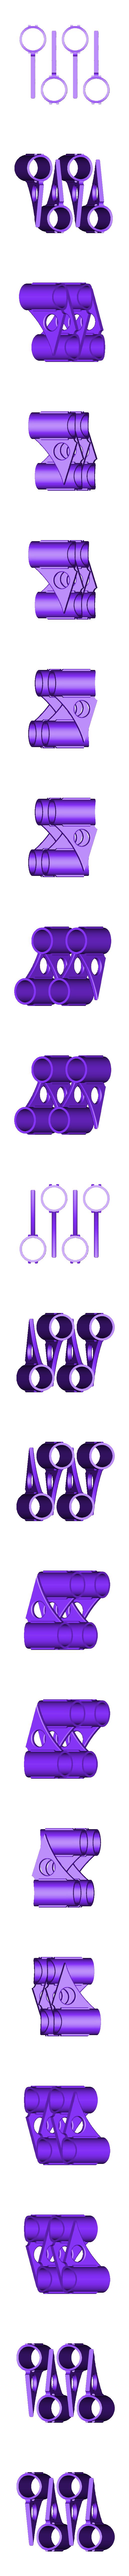 radial_body_2.0_B.stl Télécharger fichier STL gratuit Moteur radial ou Hula • Design à imprimer en 3D, Mathorethan